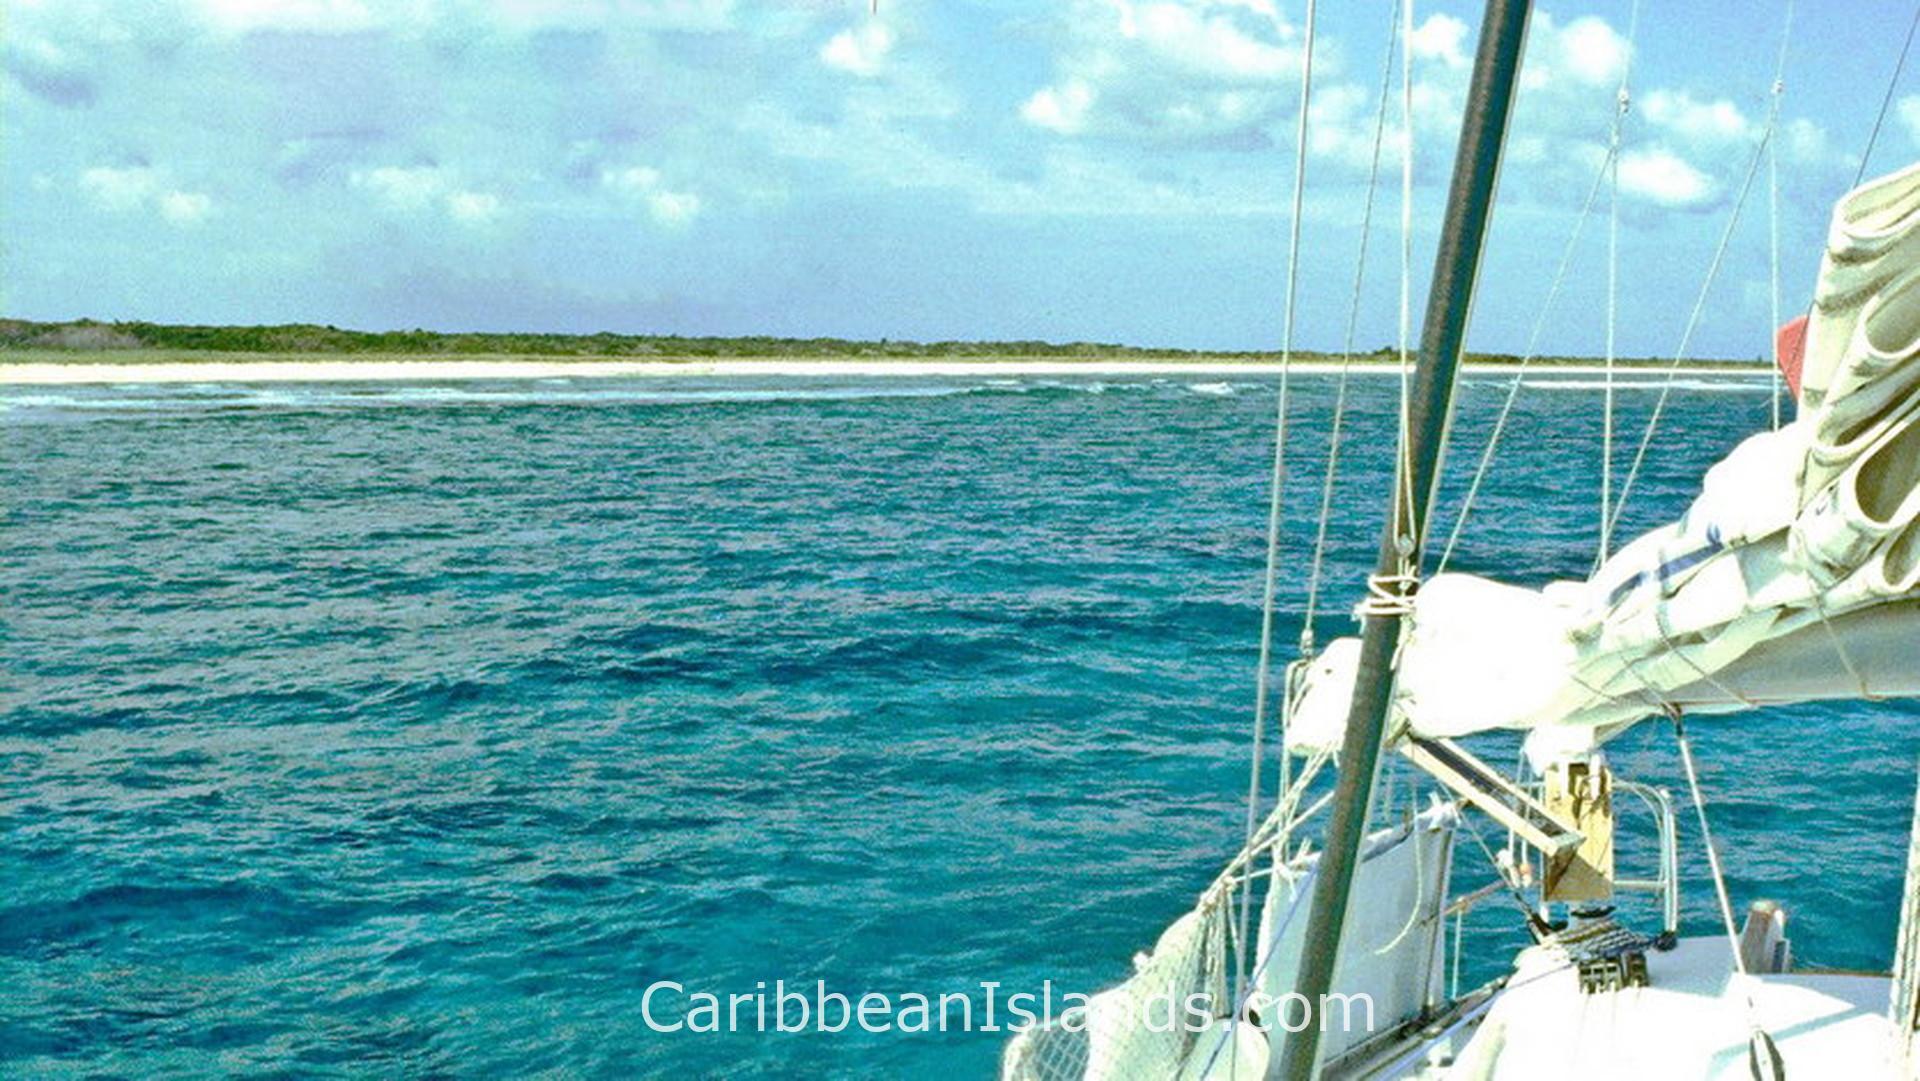 Mayaguana, Bahamas